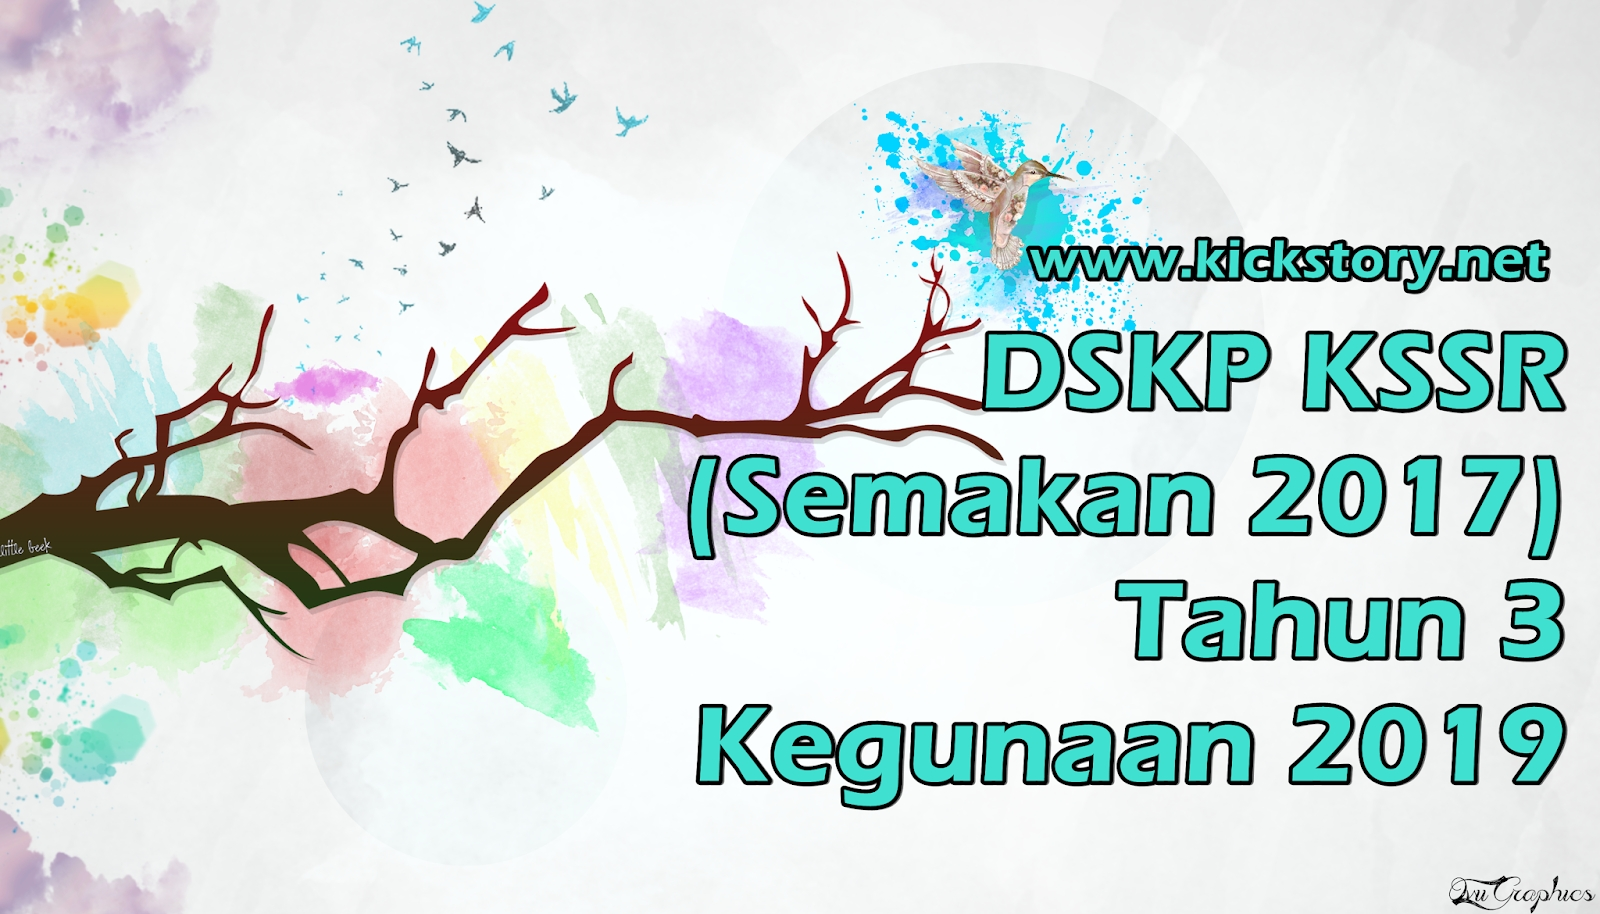 Download Dskp Bahasa Melayu Tahun 6 Hebat Dskp Kssr Semakan 2017 Tahun 3 Kegunaan 2019 Kickstory Net Of Download Segera Dskp Bahasa Melayu Tahun 6 Yang Terbaik Khas Untuk Murid Muat Turun!